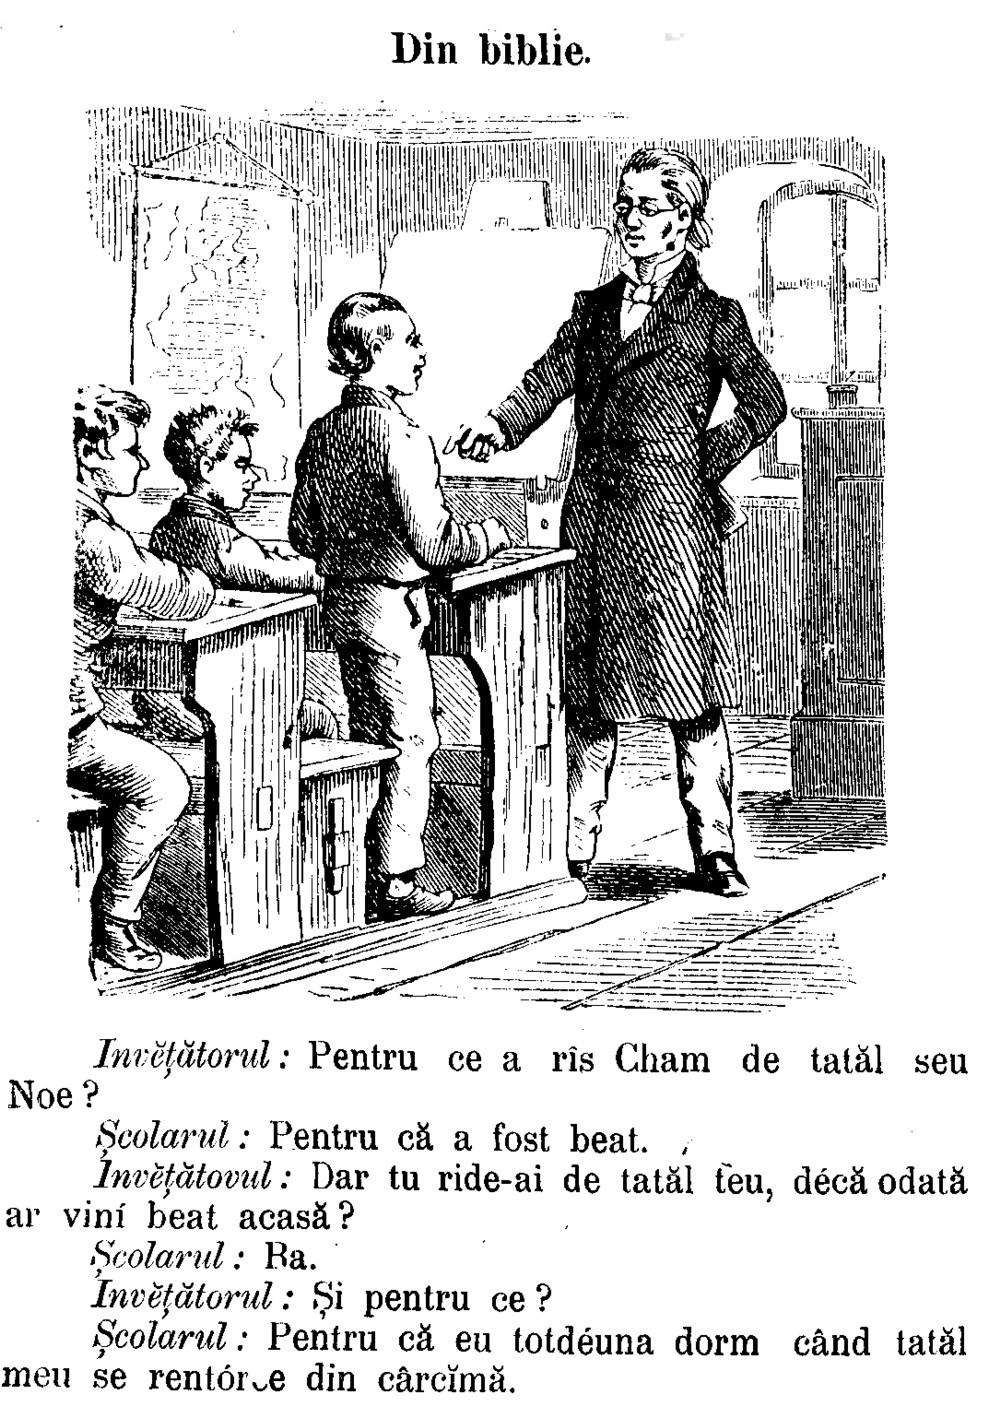 1884 Din Biblie